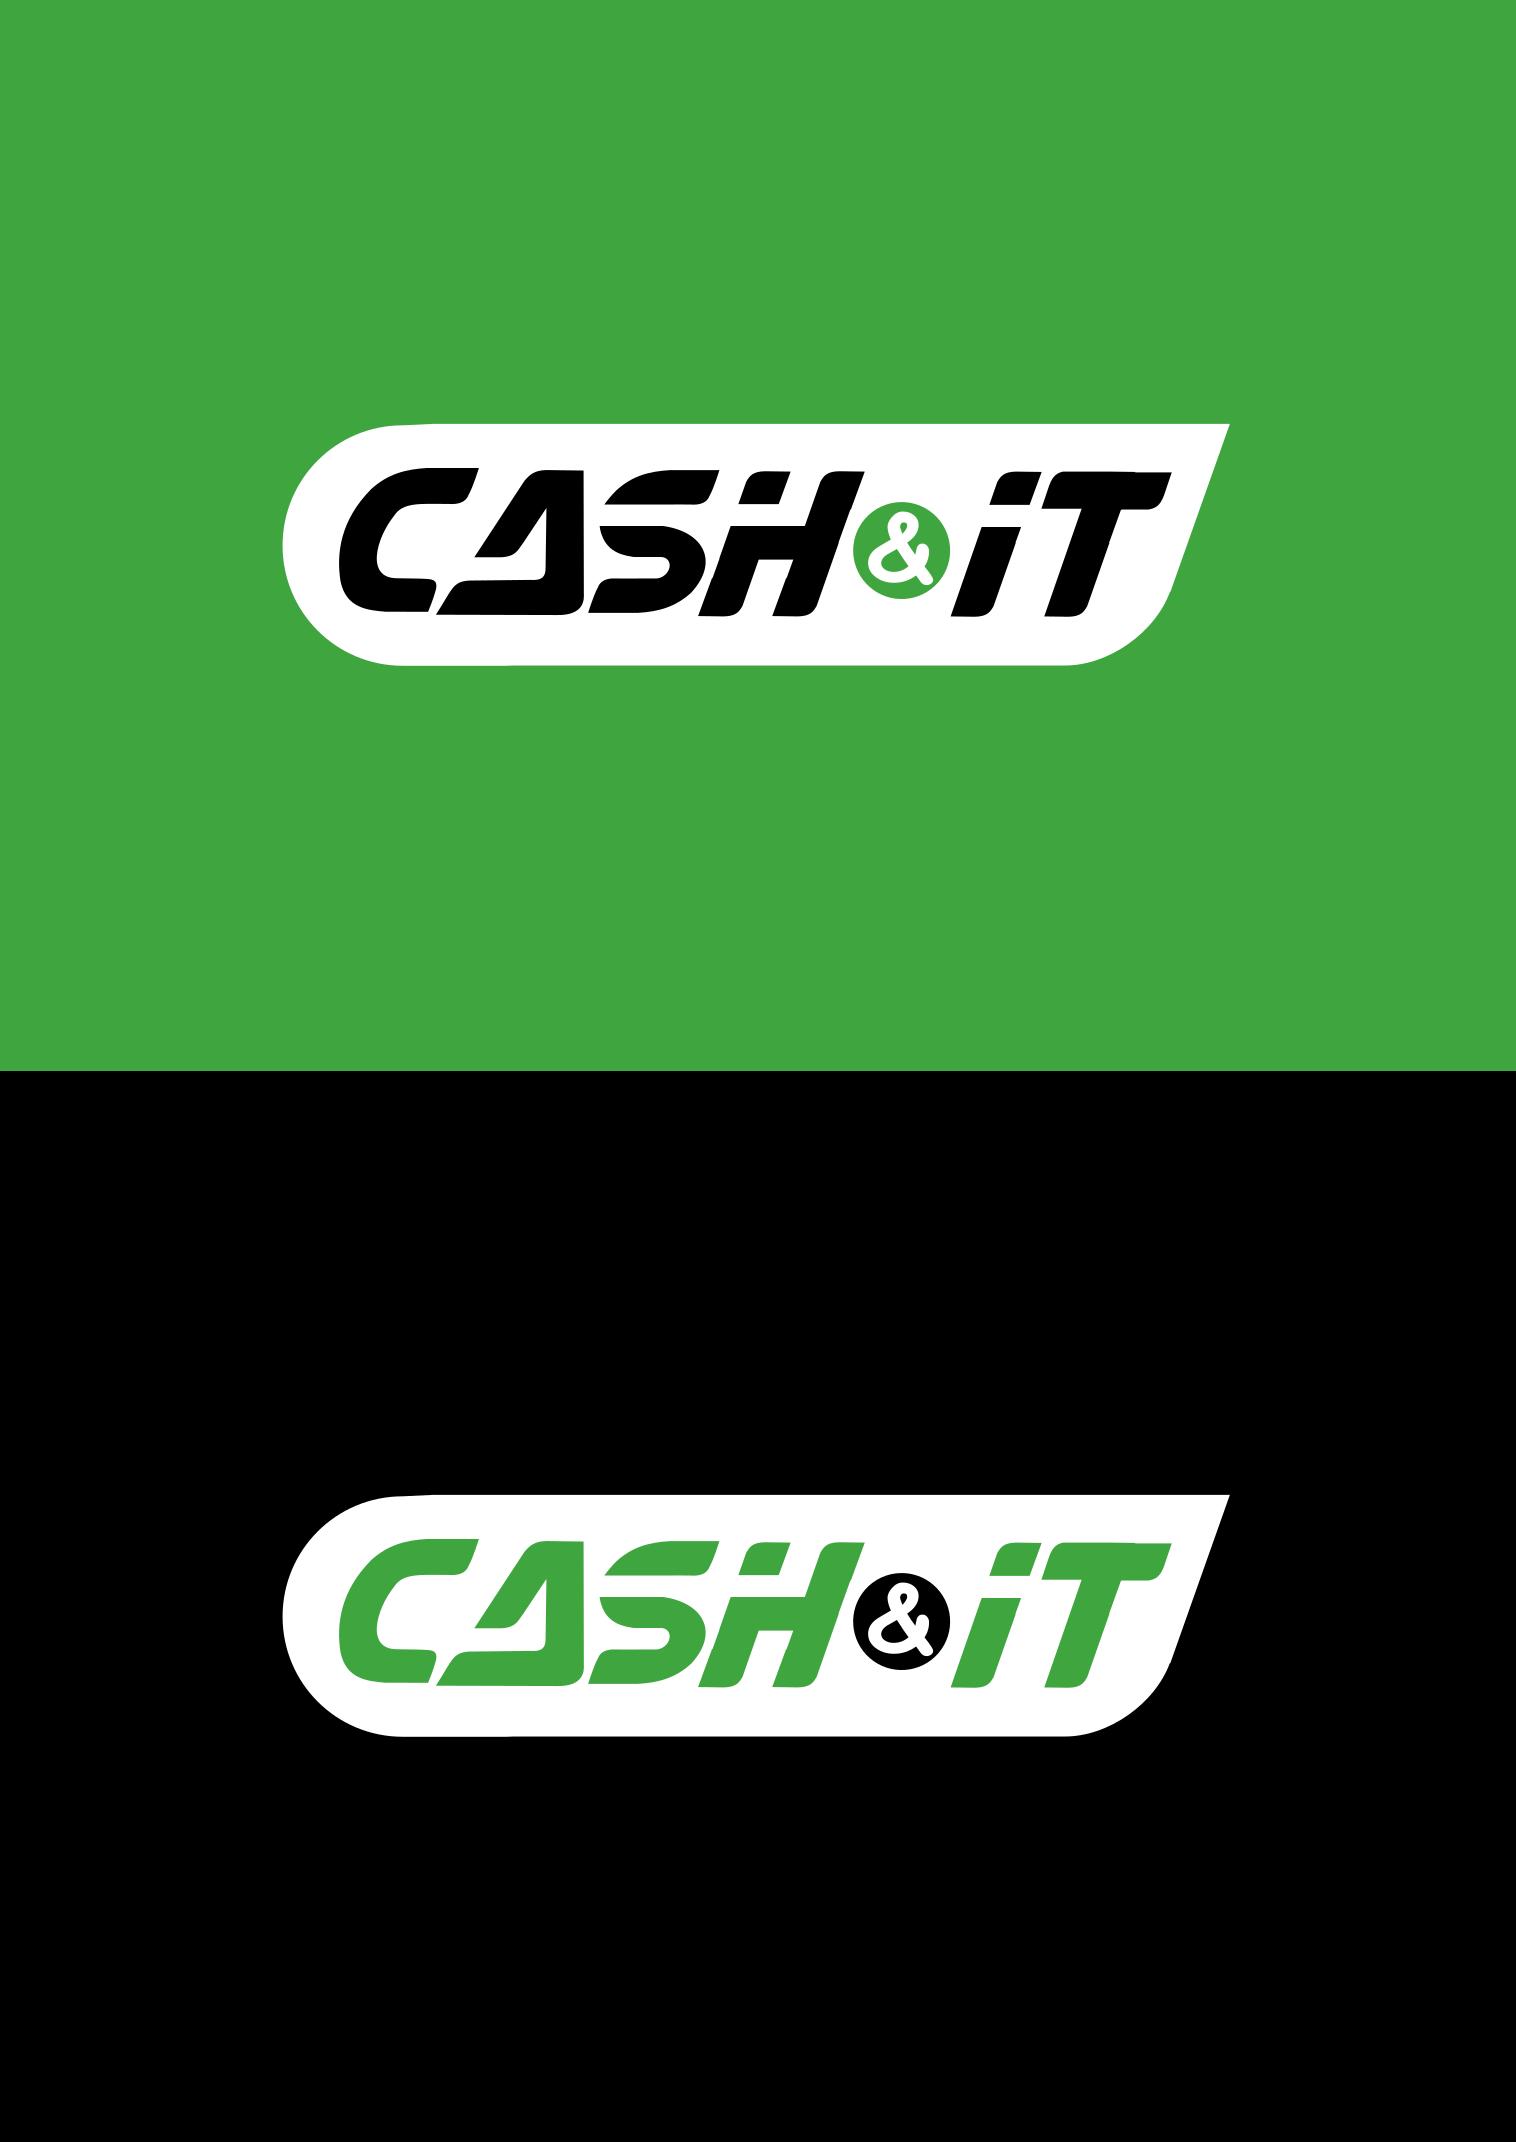 Логотип для Cash & IT - сервис доставки денег фото f_9935fdf5ff257f08.png